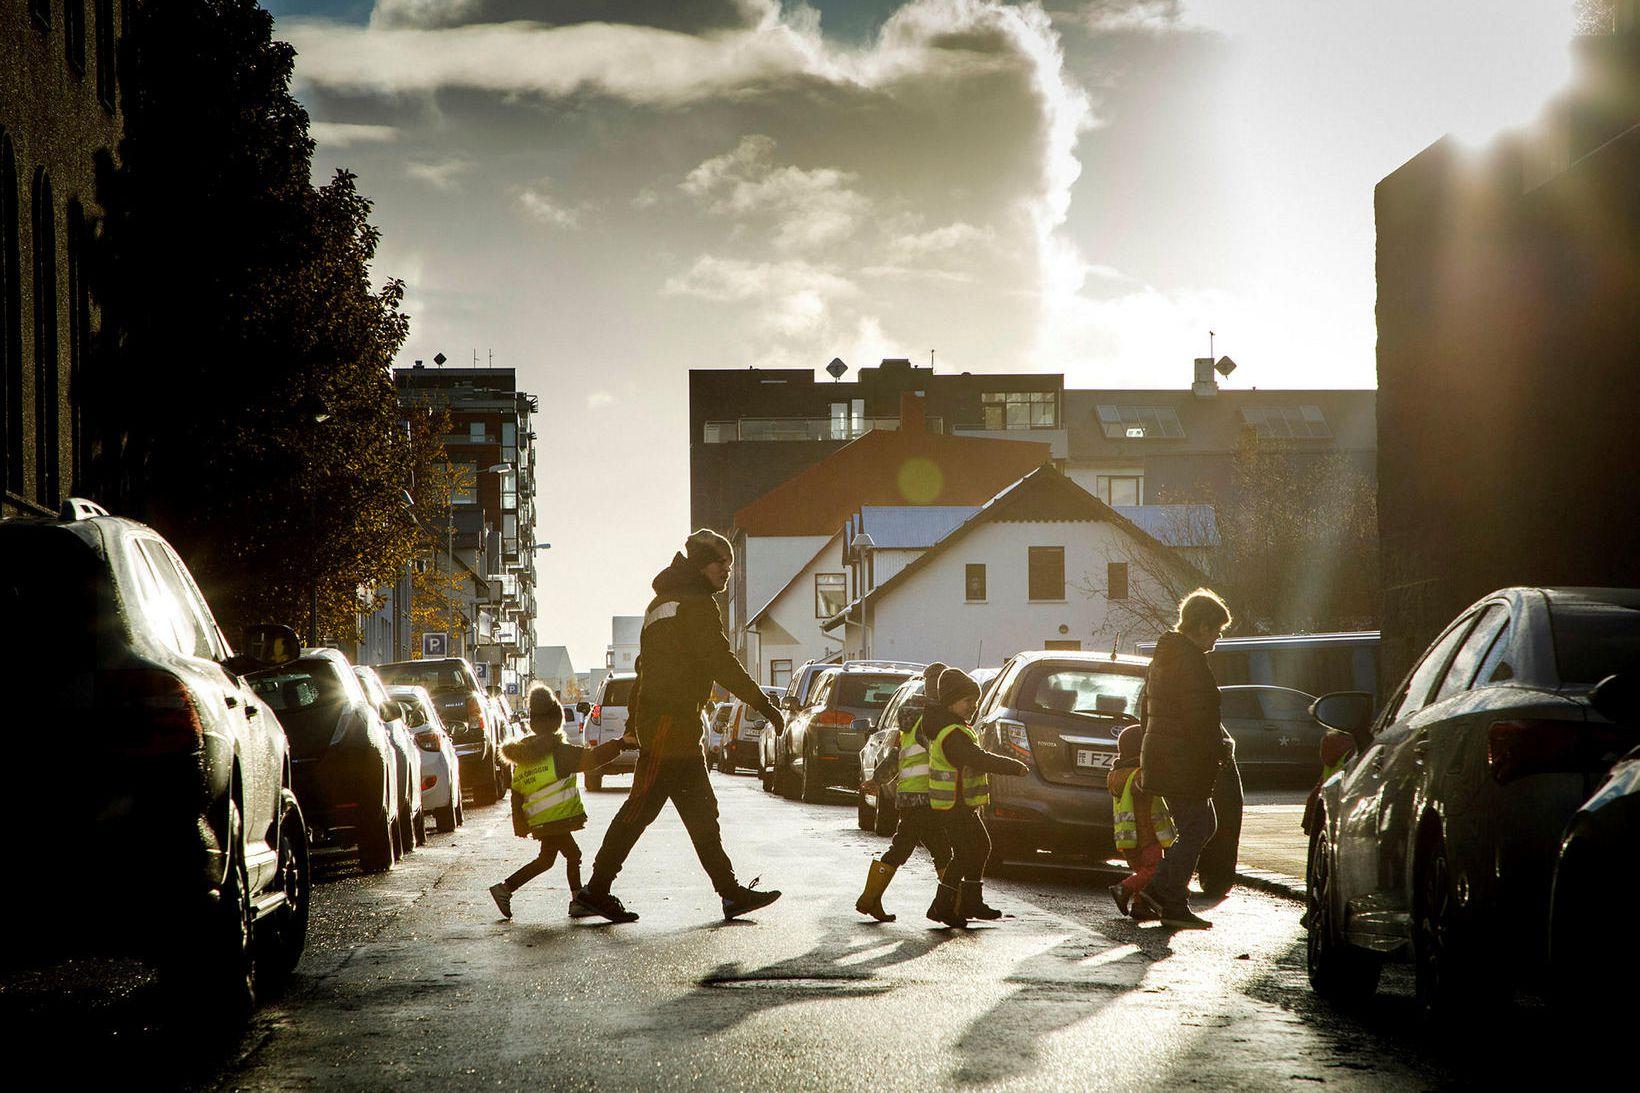 Kvenréttindafélag Íslands leggur til að í stað þess að skerða …